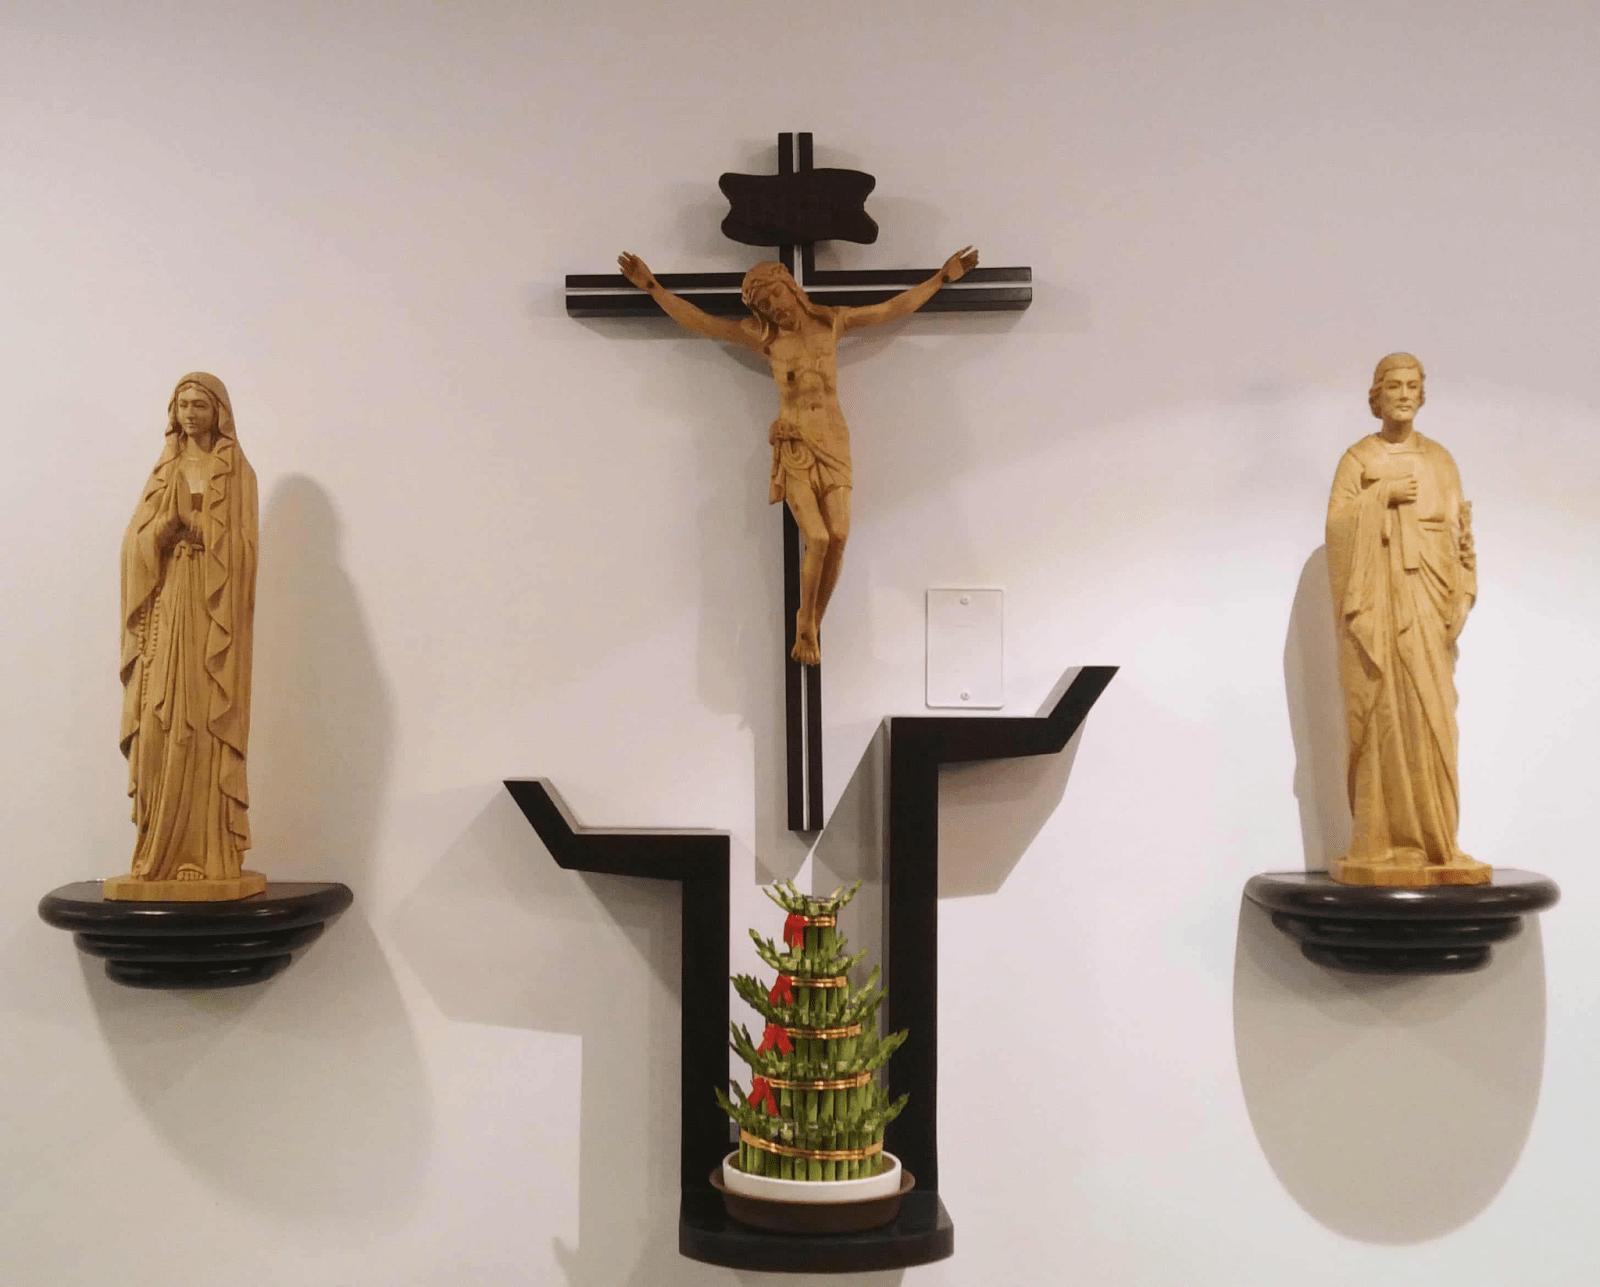 Bàn thờ được đặt ở phòng khách